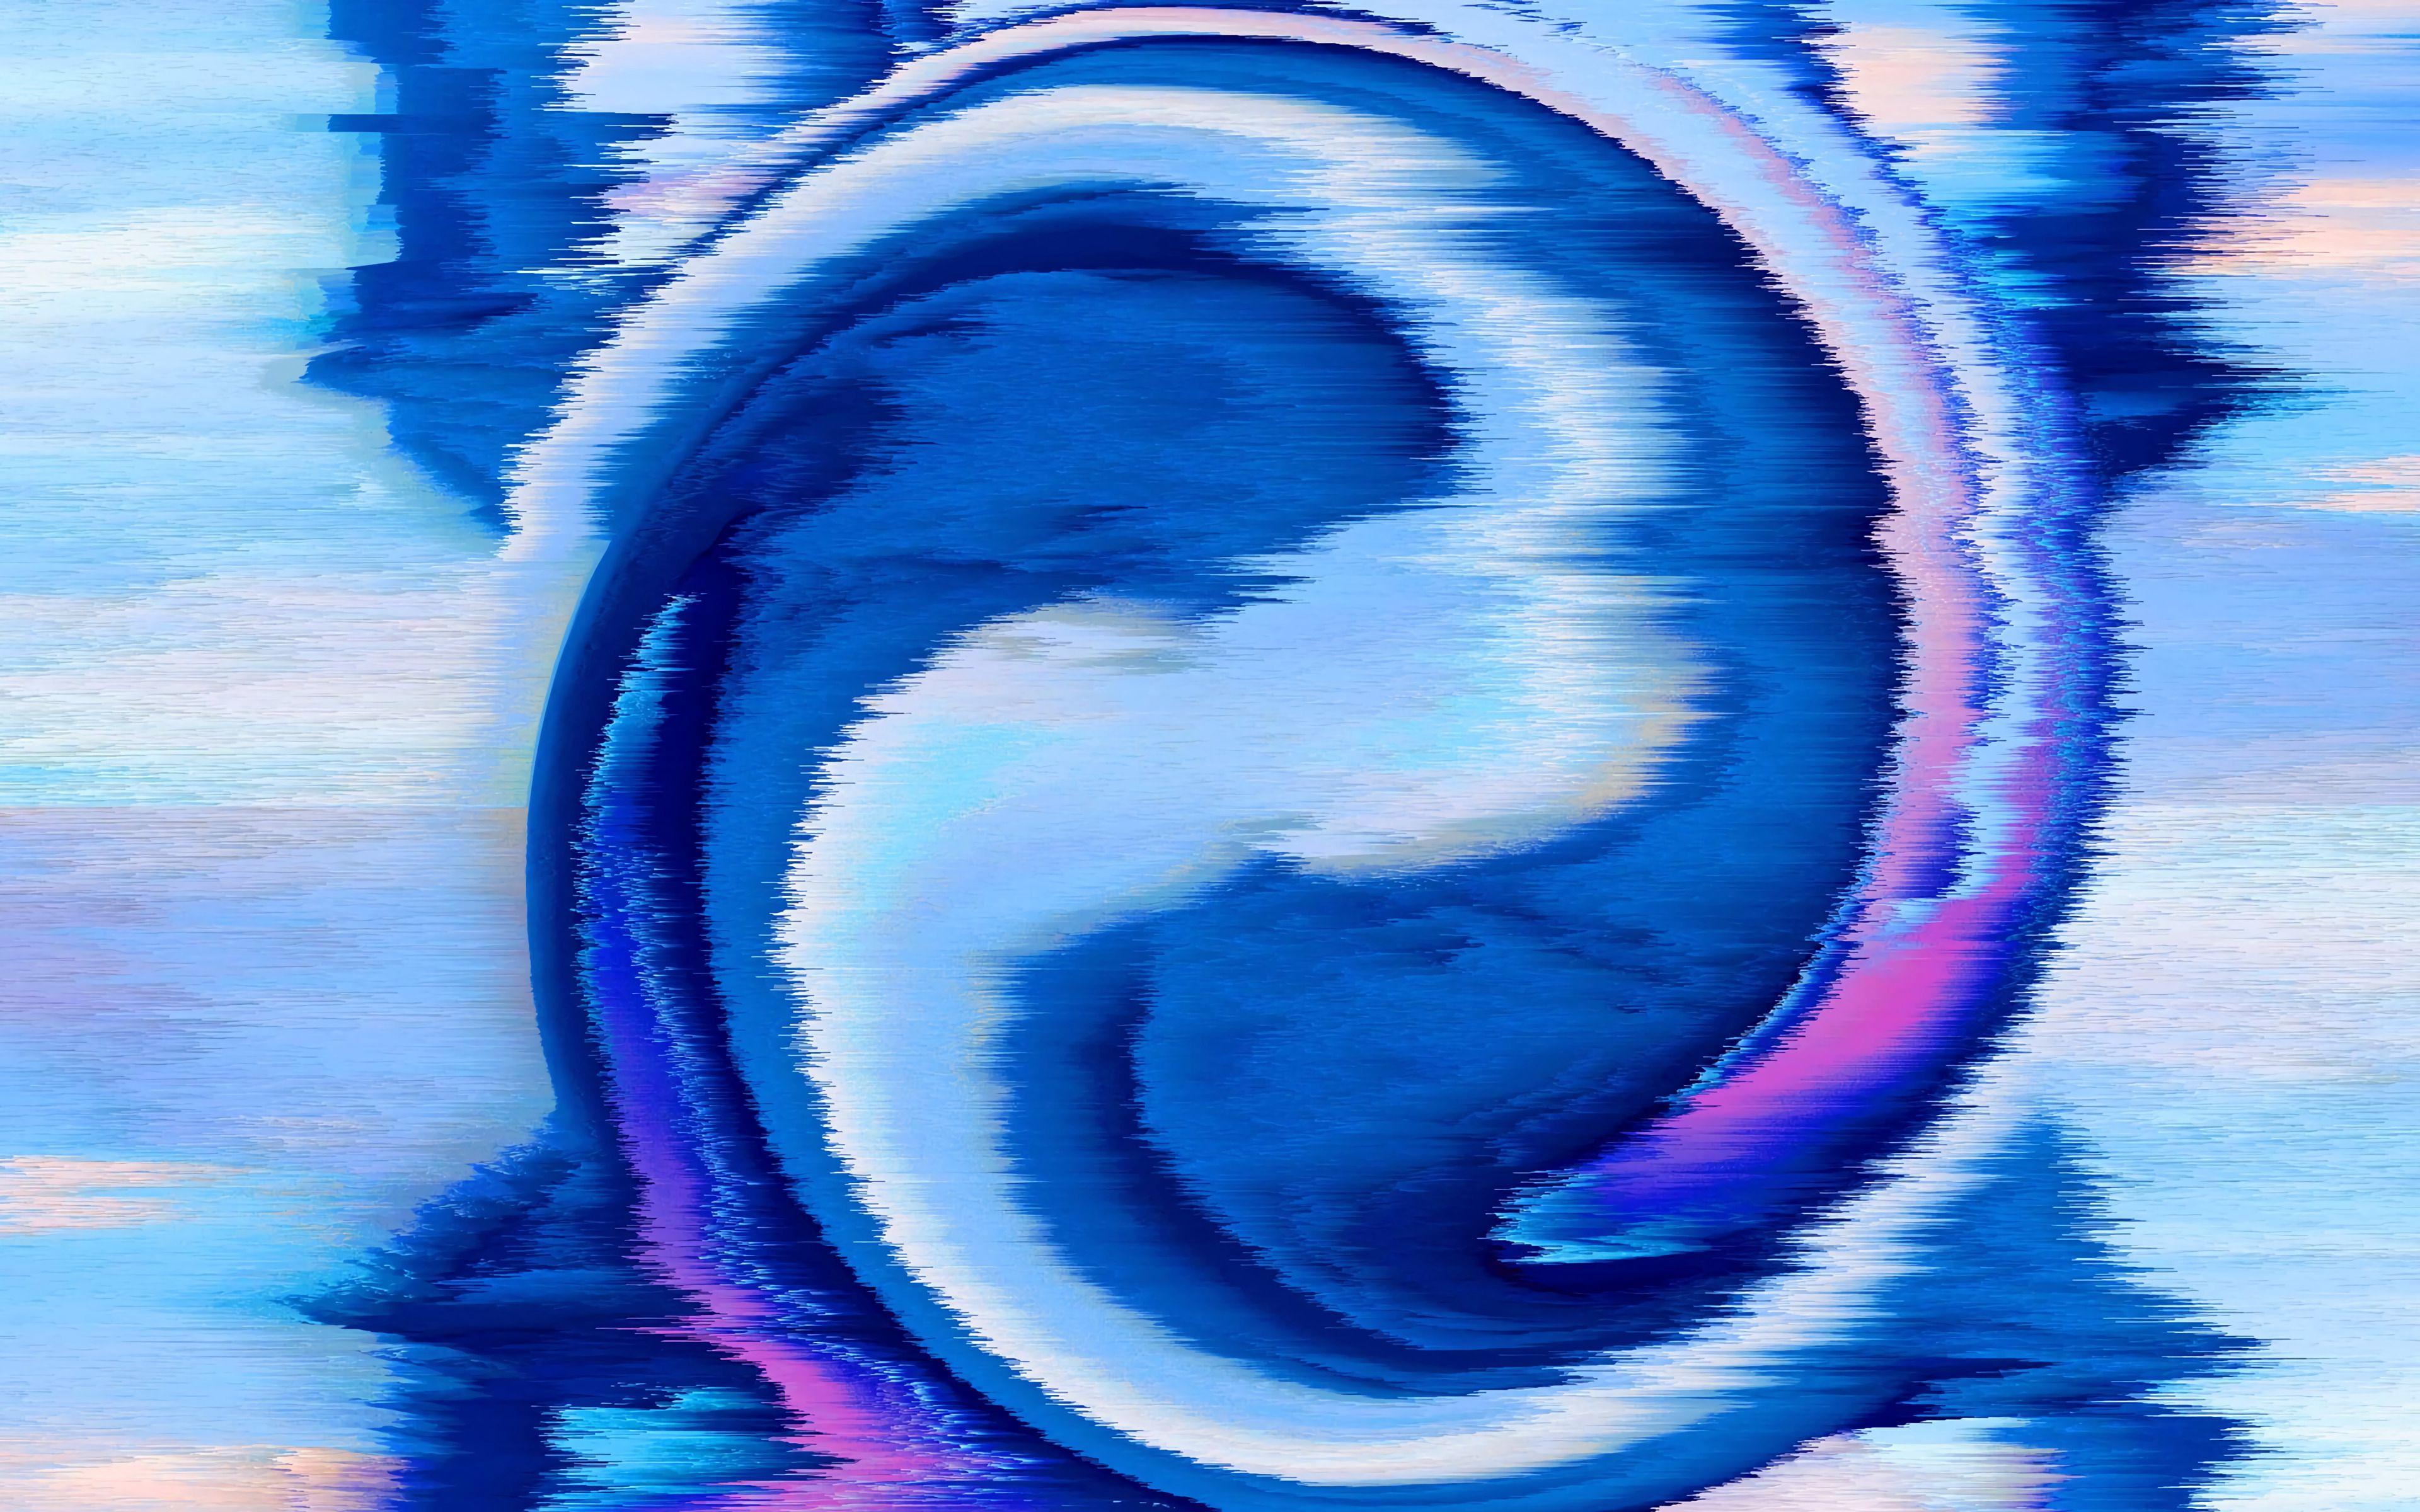 Fondos de pantalla Interferencia en espiral azul